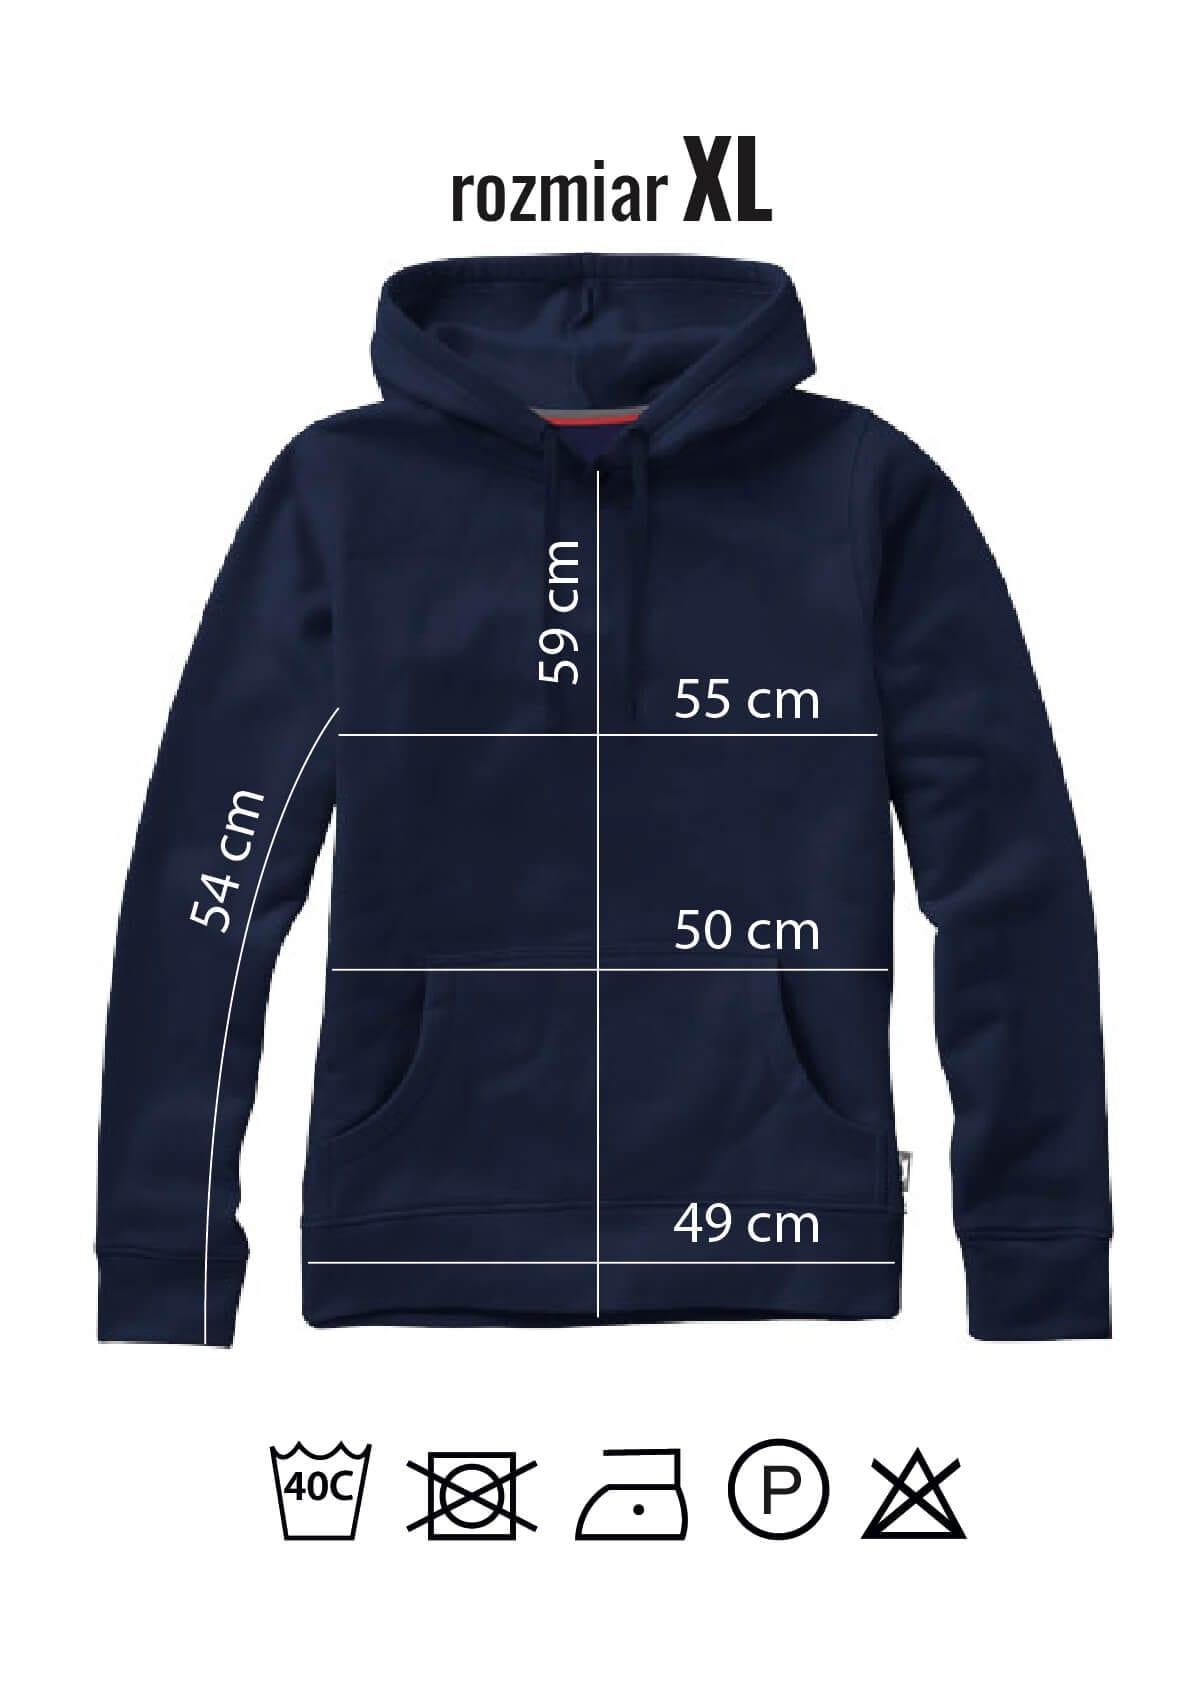 e28170d44890f Dostępne rozmiary: S, M, L i XL, na tej stronie możesz kupić rozmiar XL: